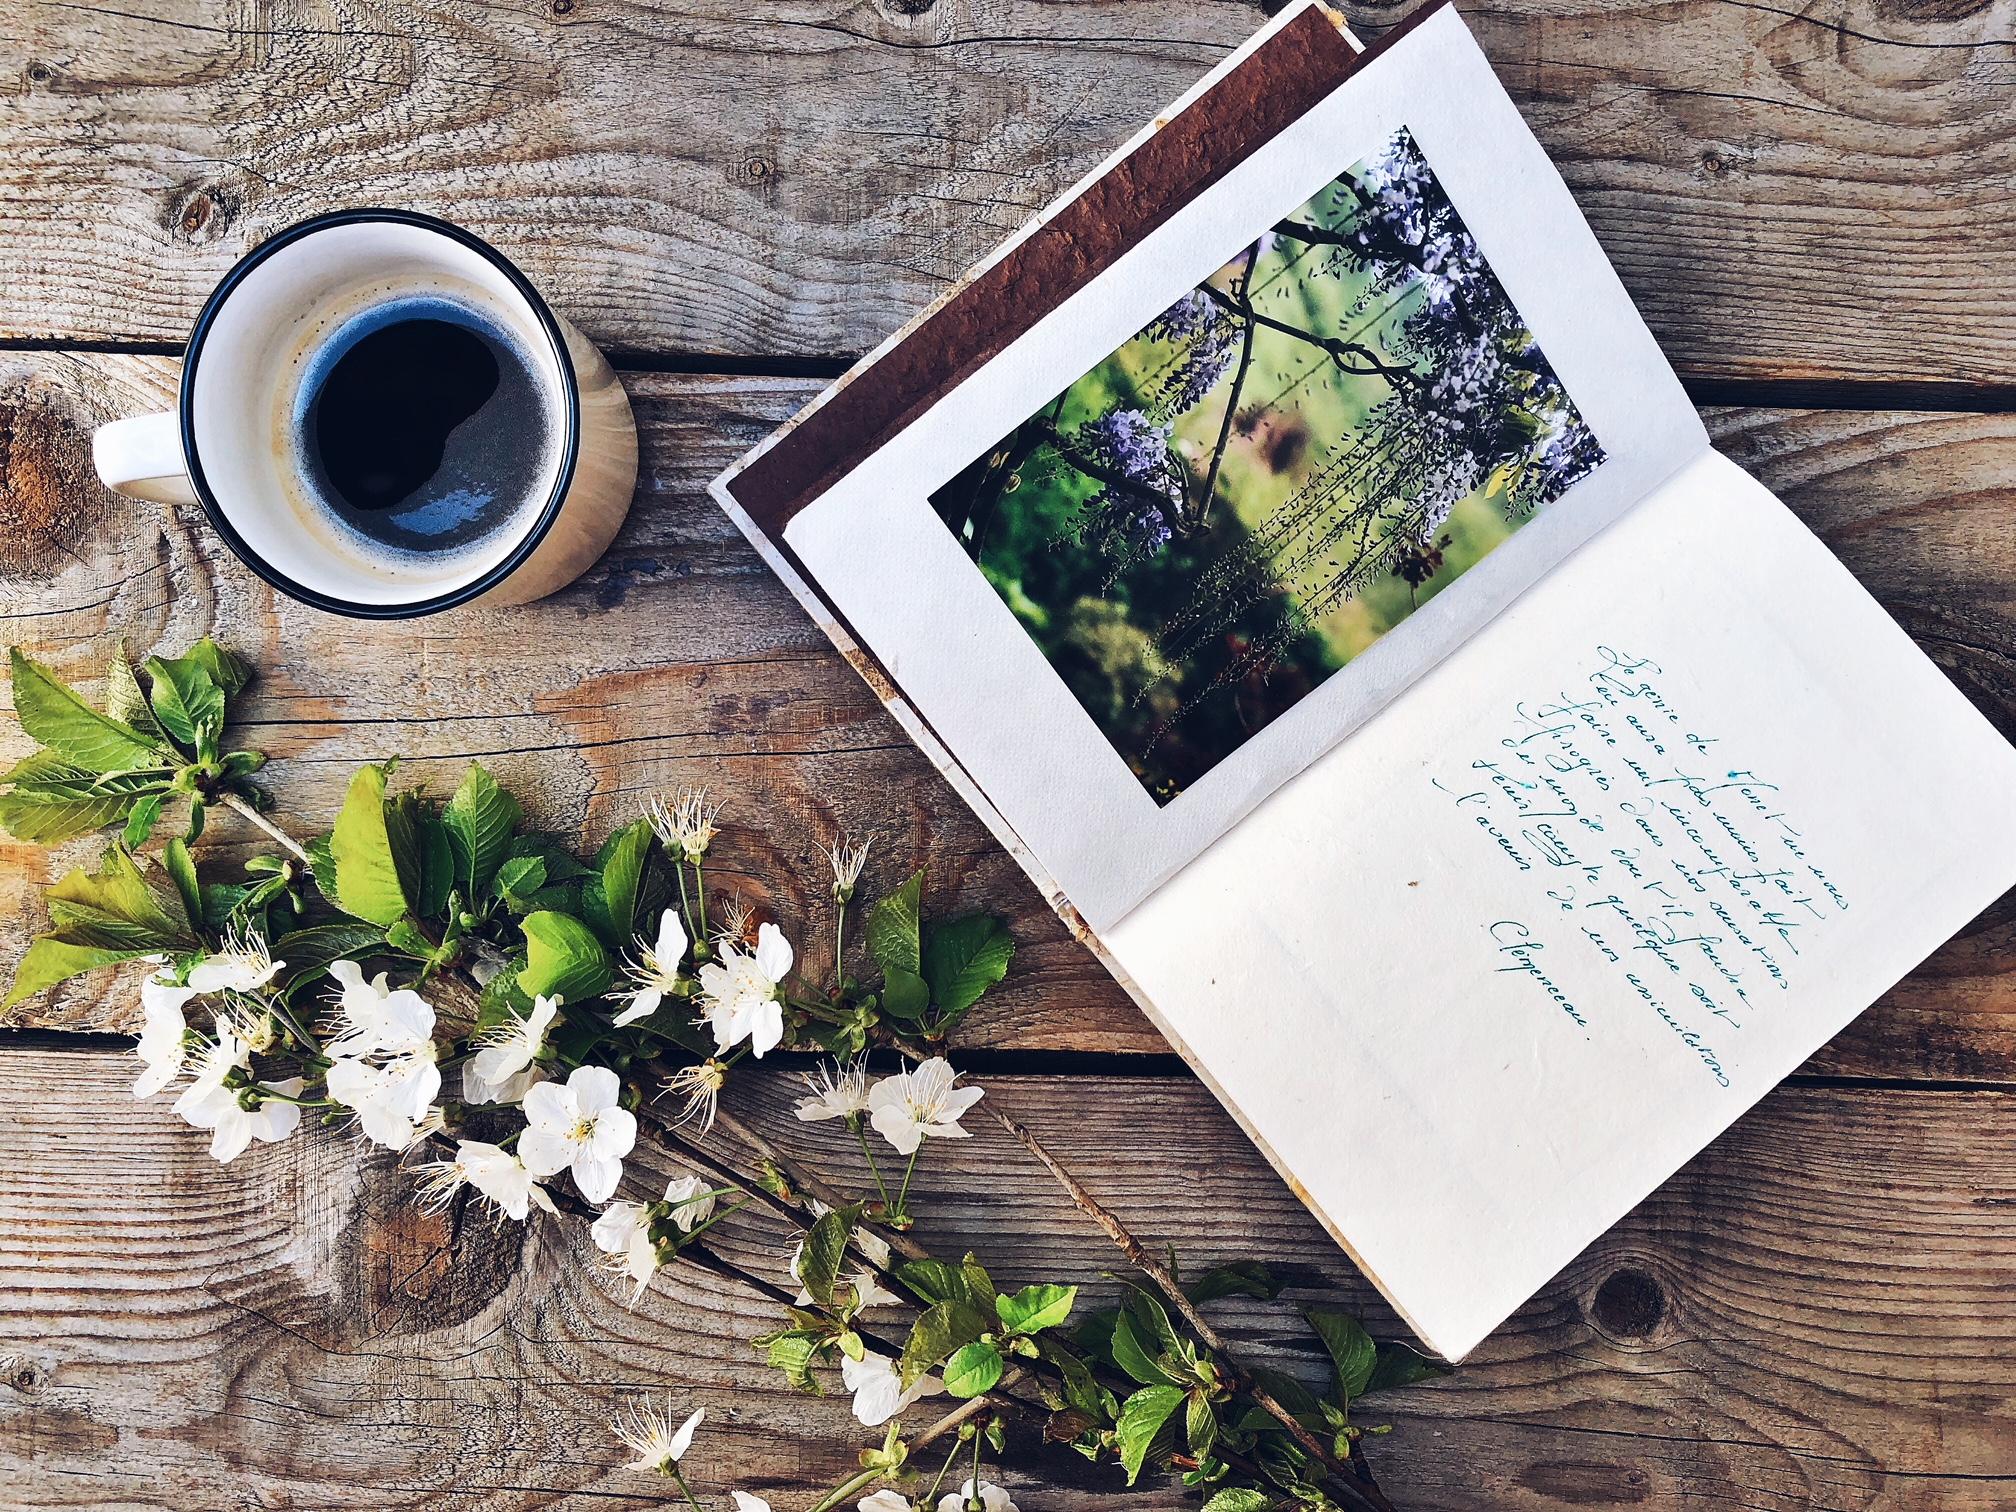 Diario personale scritto in francese con foto, tazza di caffè e fiori - tatianaberlaffa.com